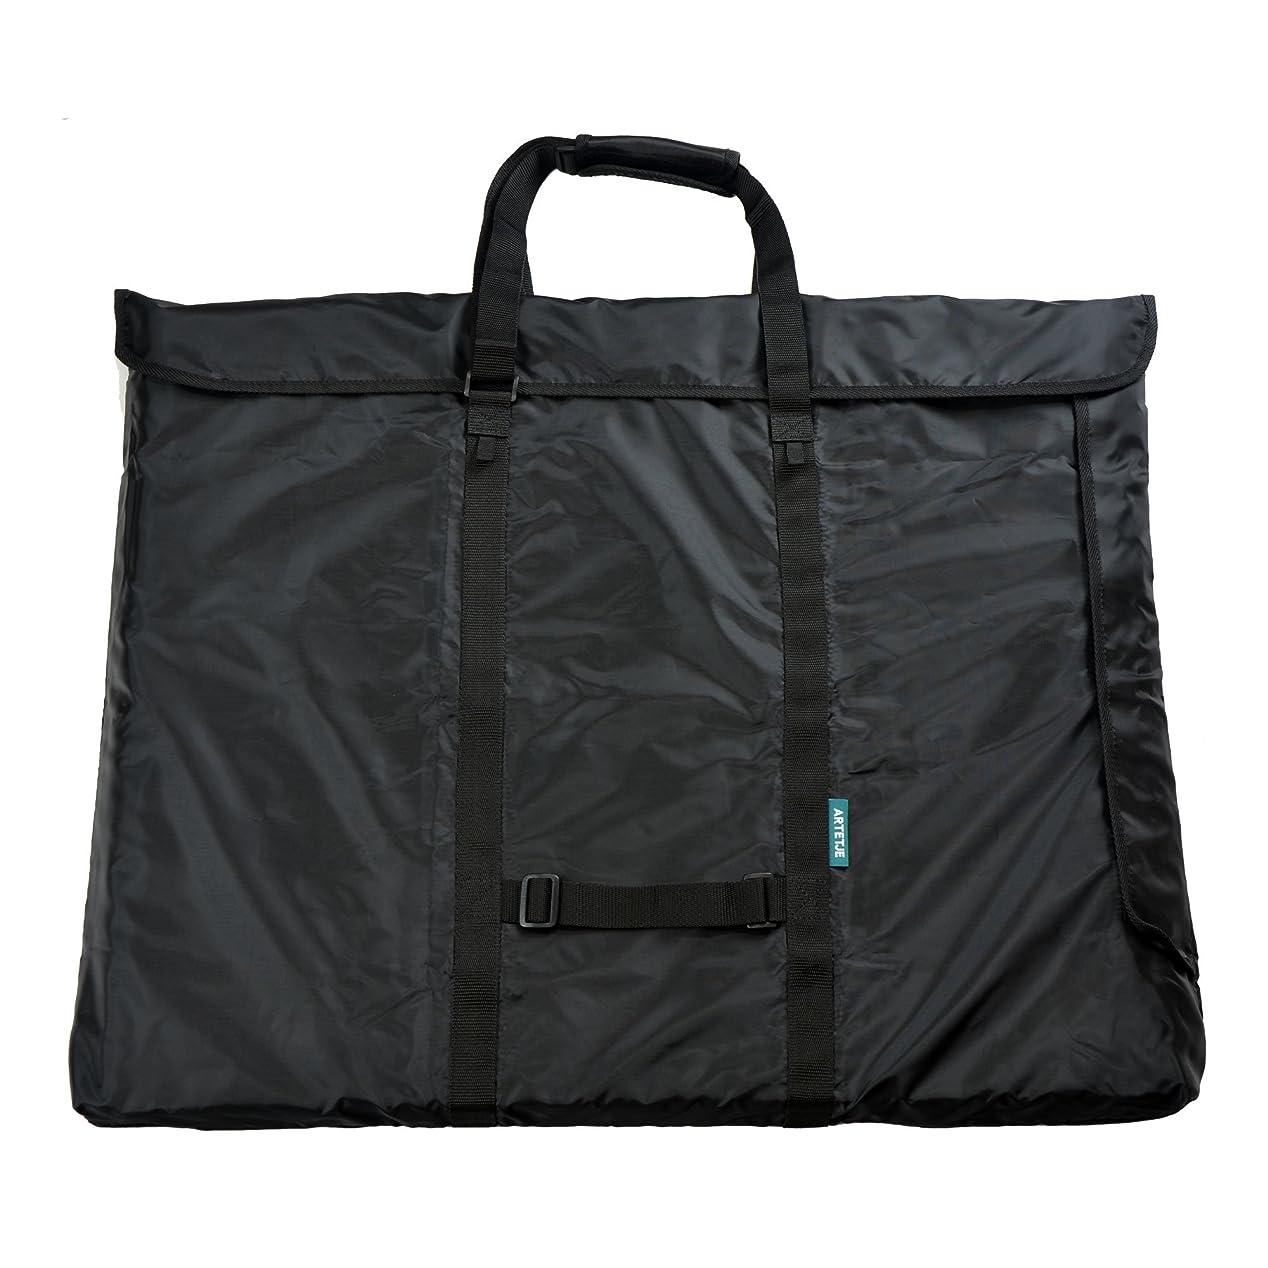 気難しい我慢するにアルテージュ トート&リュック F6-02 ネイビー 2WAY 画材バッグ